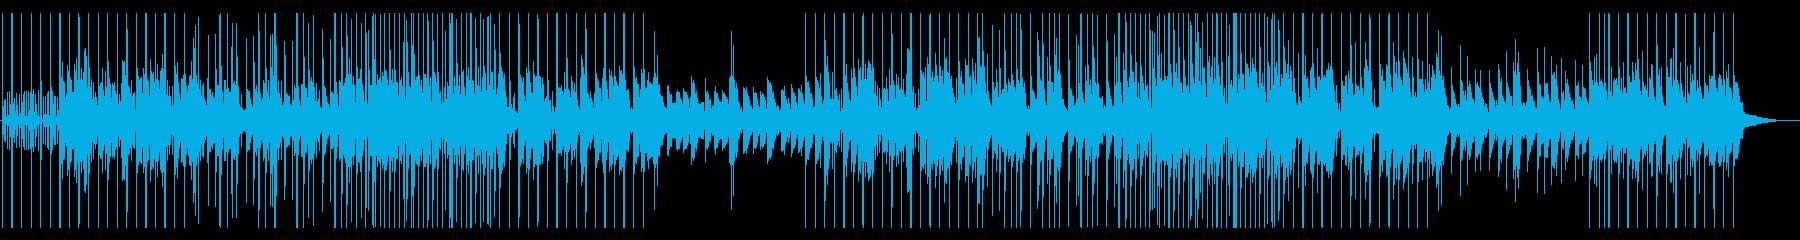 カオス、混乱、不思議、実験音楽の再生済みの波形